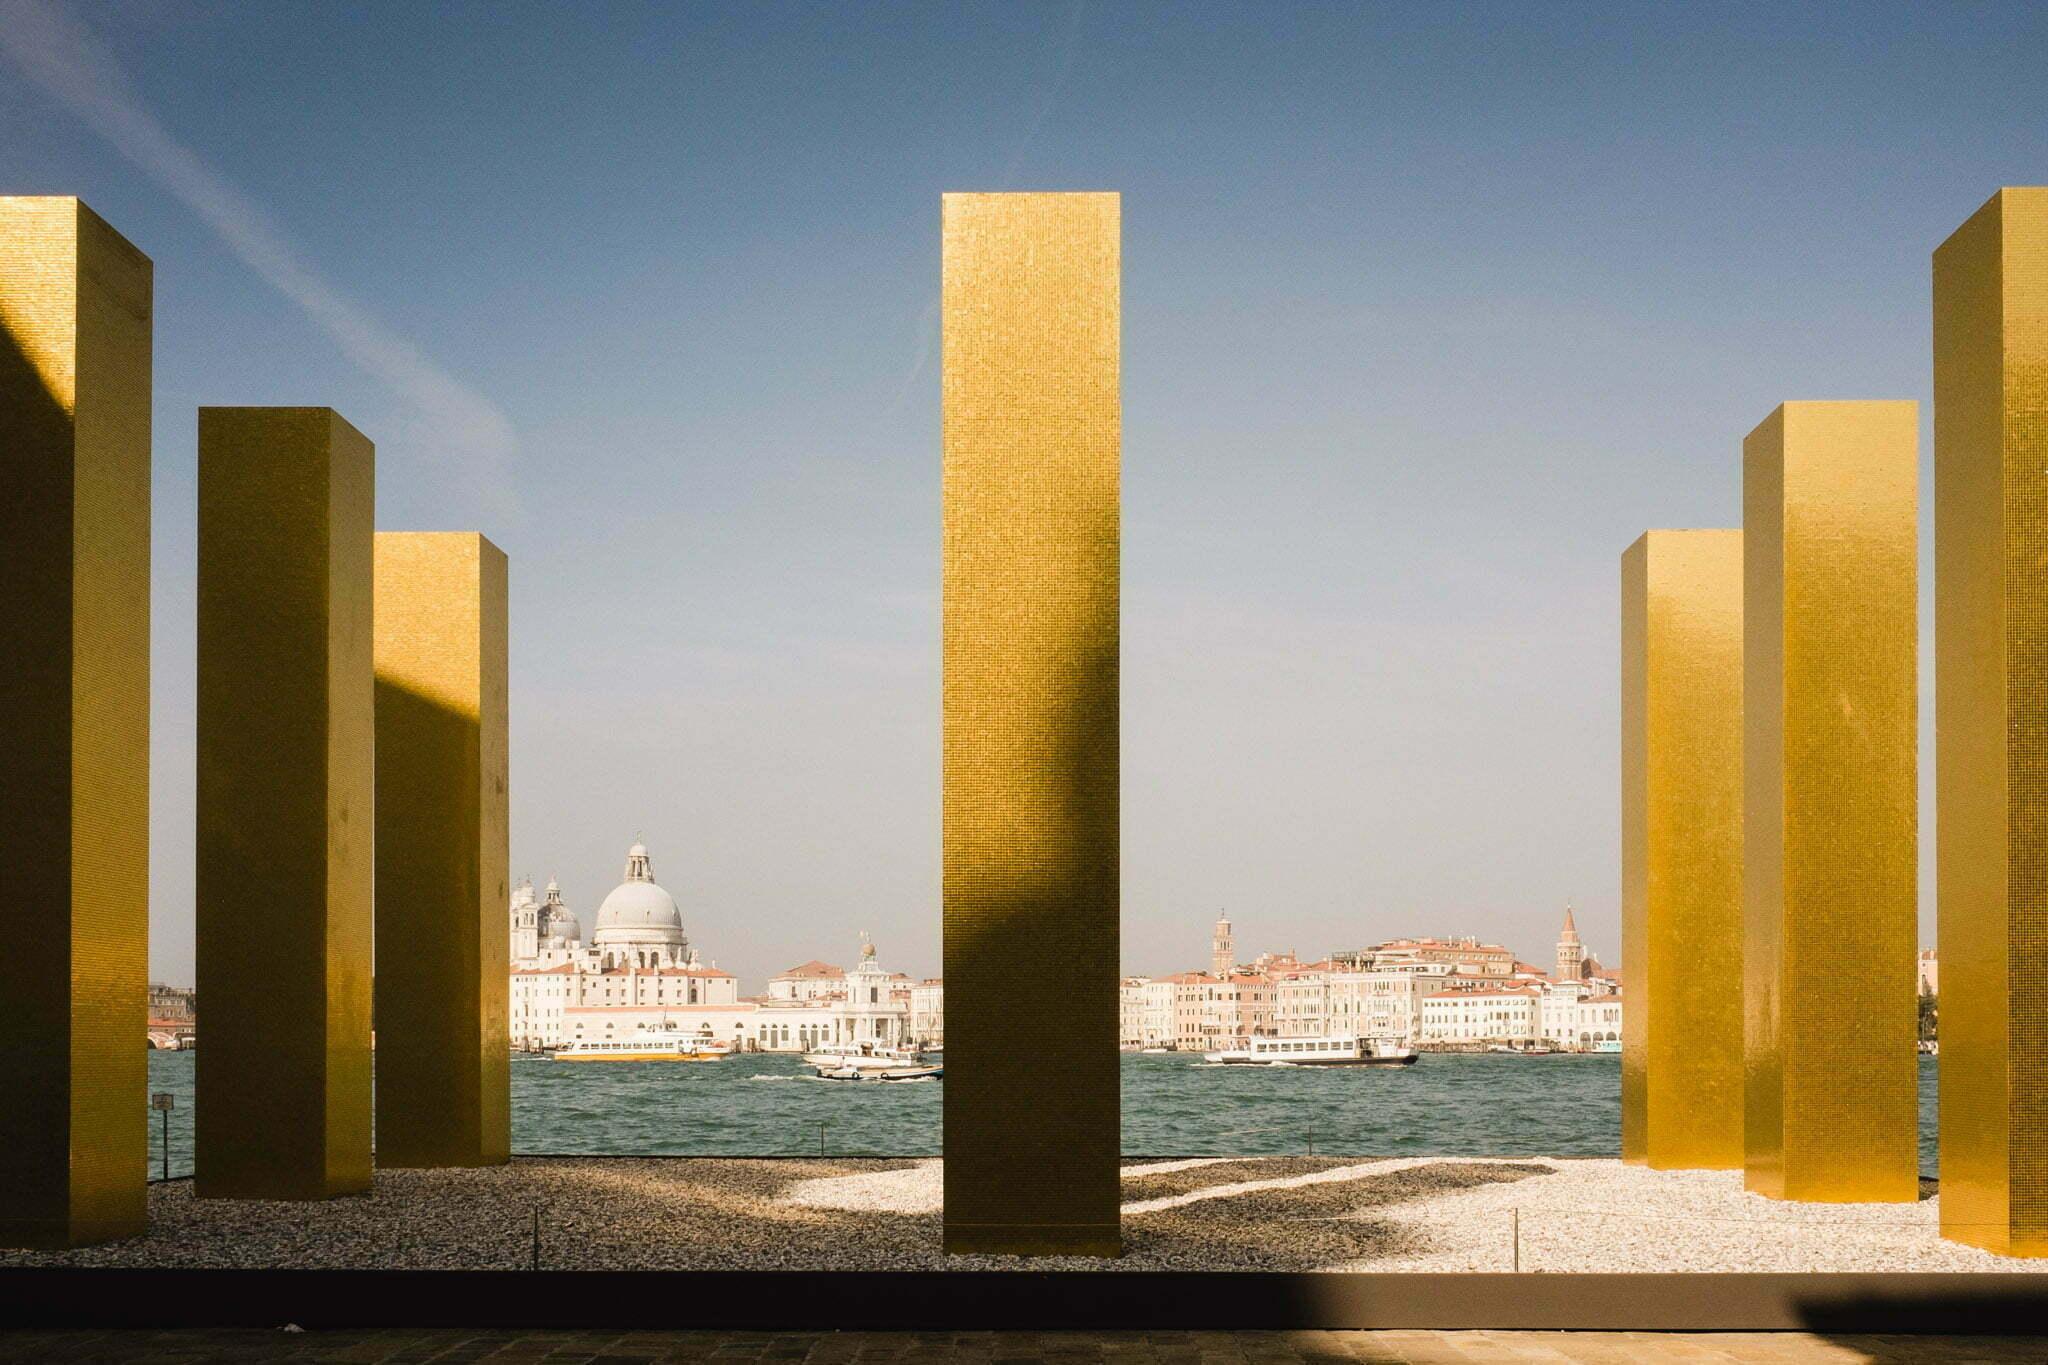 venice-architecture-biennale-2014-golden-columns-7780